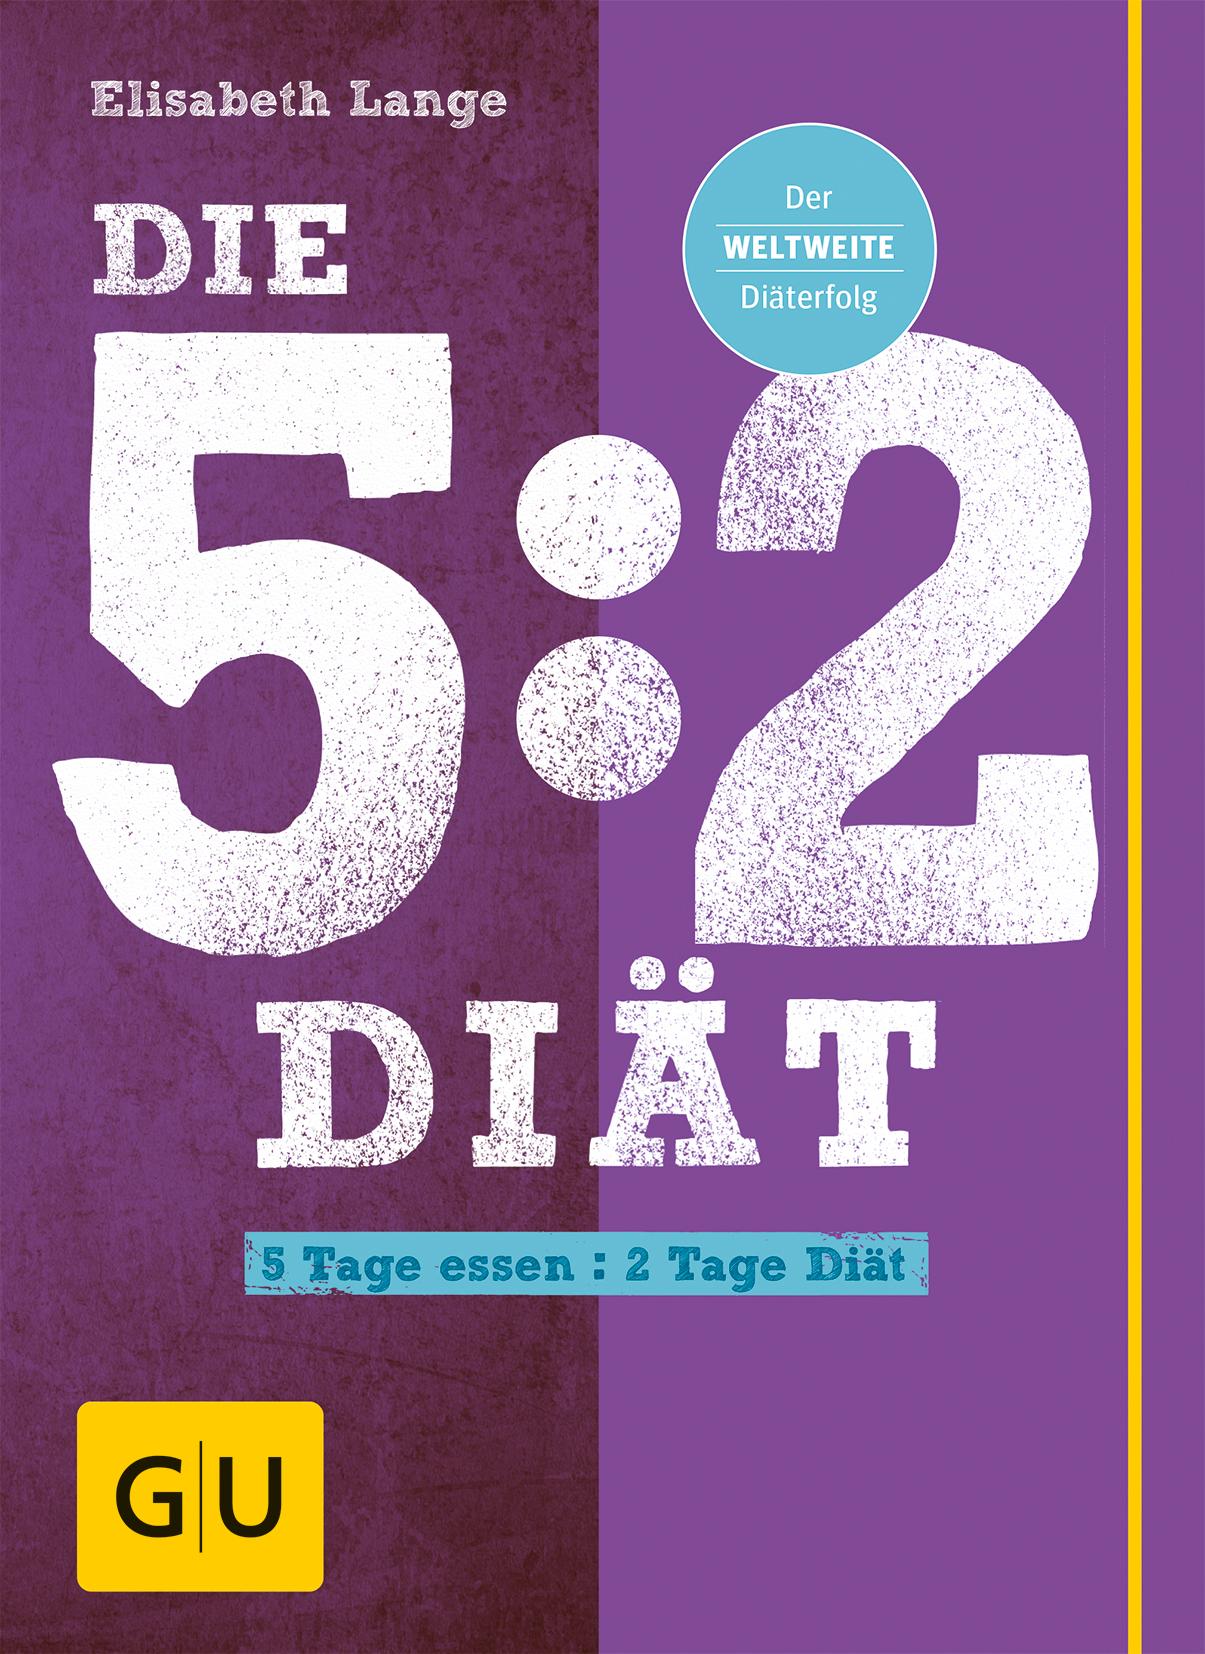 Die 5:2-Diät: 5 Tage essen - 2 Tage Diät - Elisabeth Lange